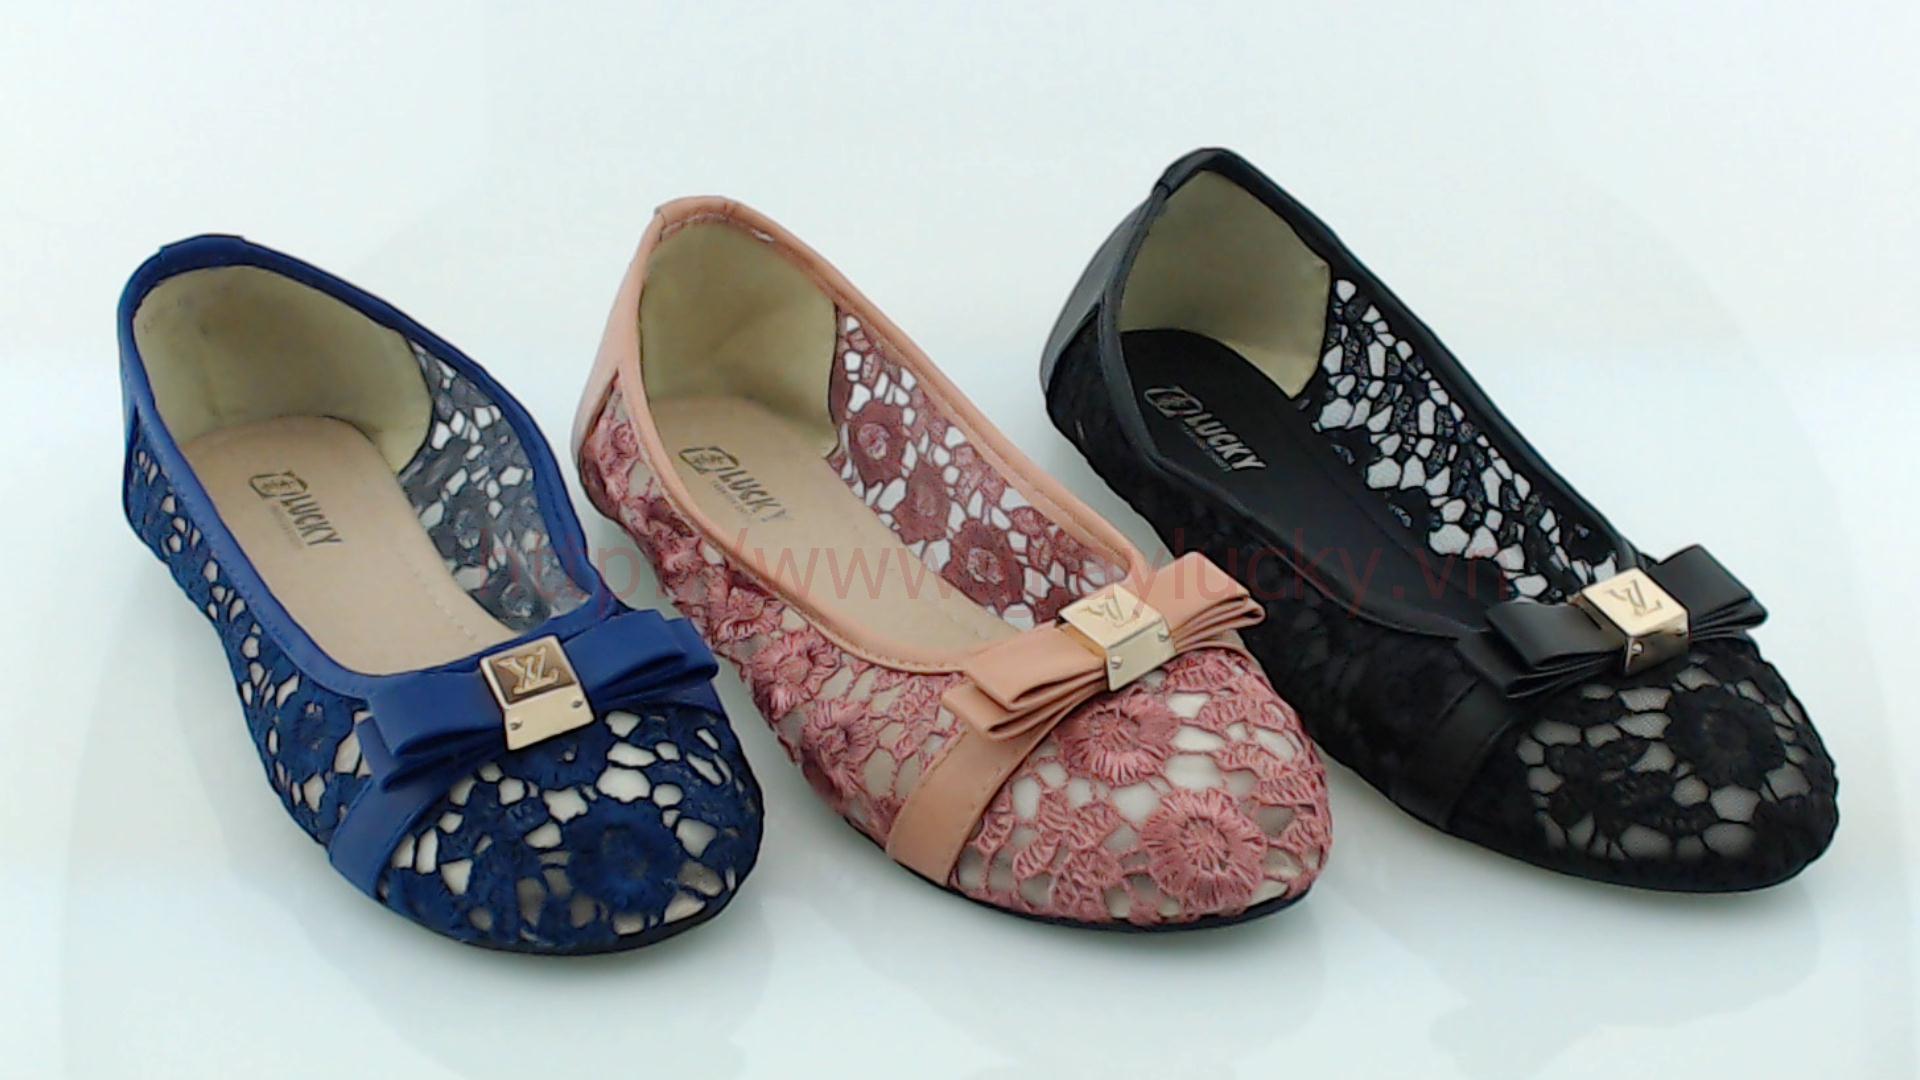 Quý cô sành điệu với những hiểu biết khi chọn mua giày dép - 2